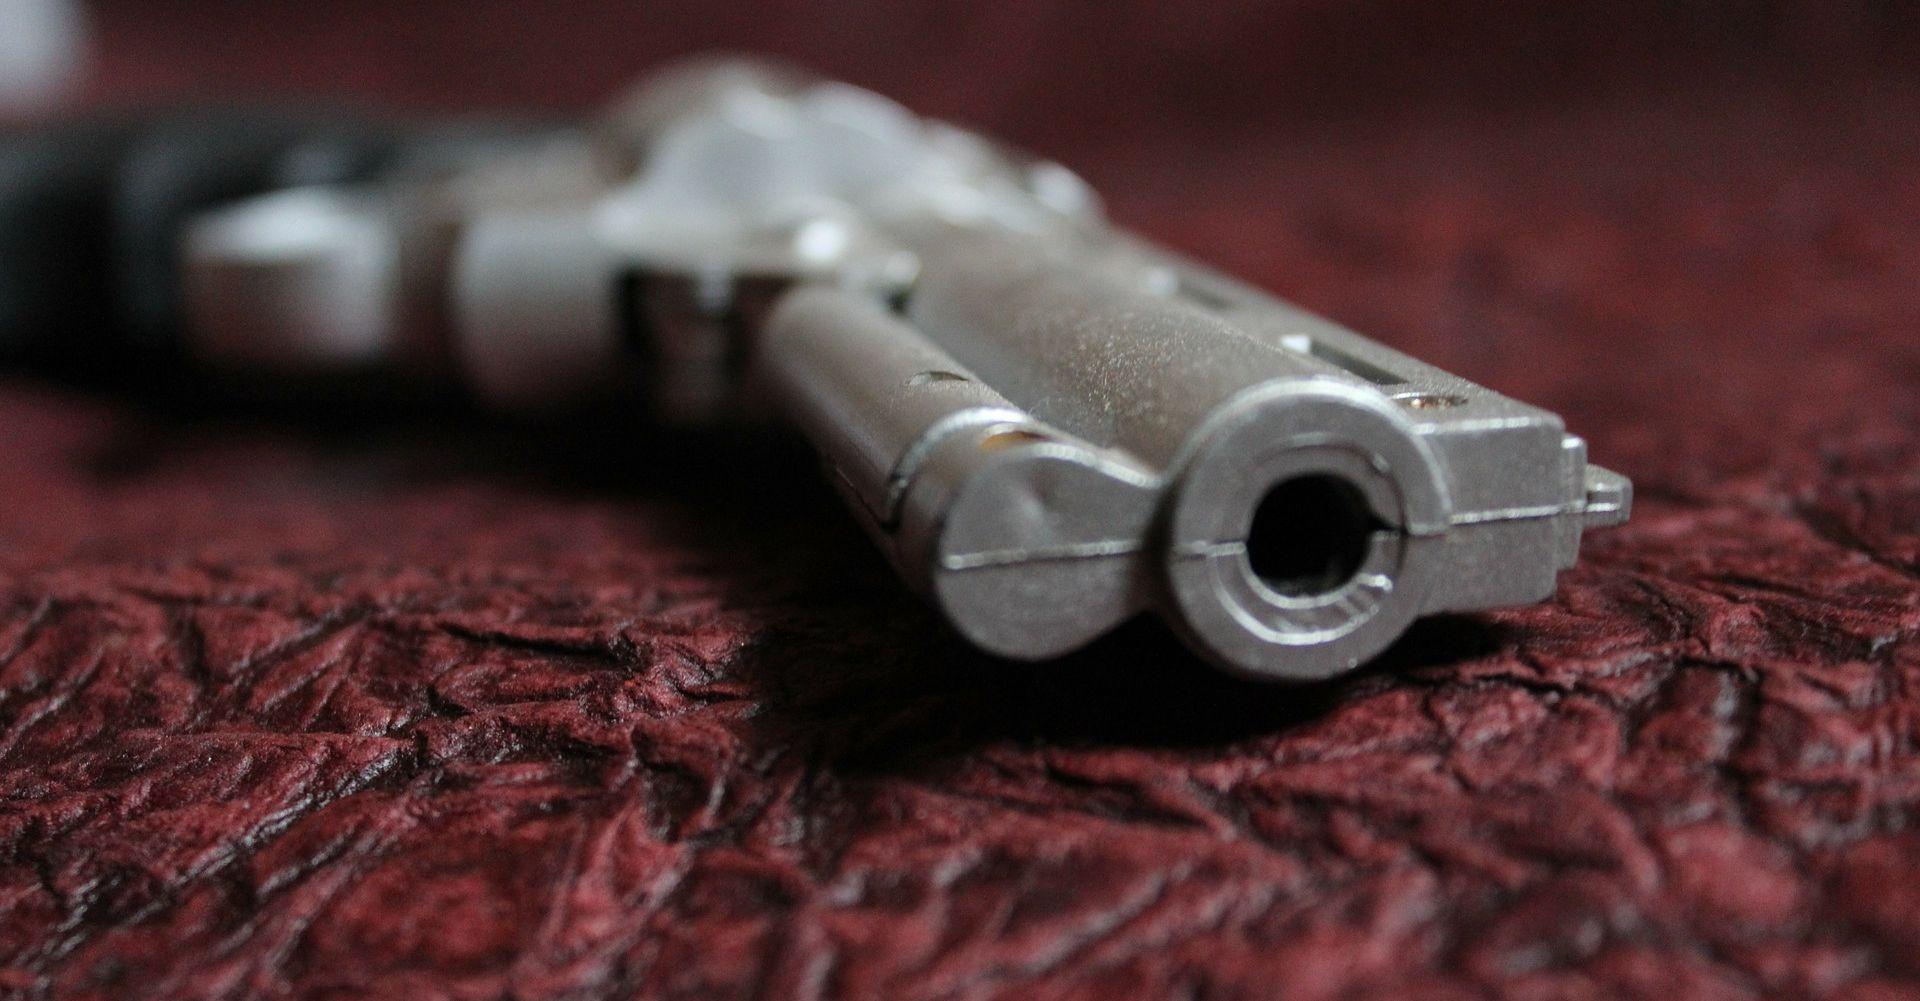 ZADRŽAN U ZATVORU Napao oca i pokušao u njega pucati iz pištolja